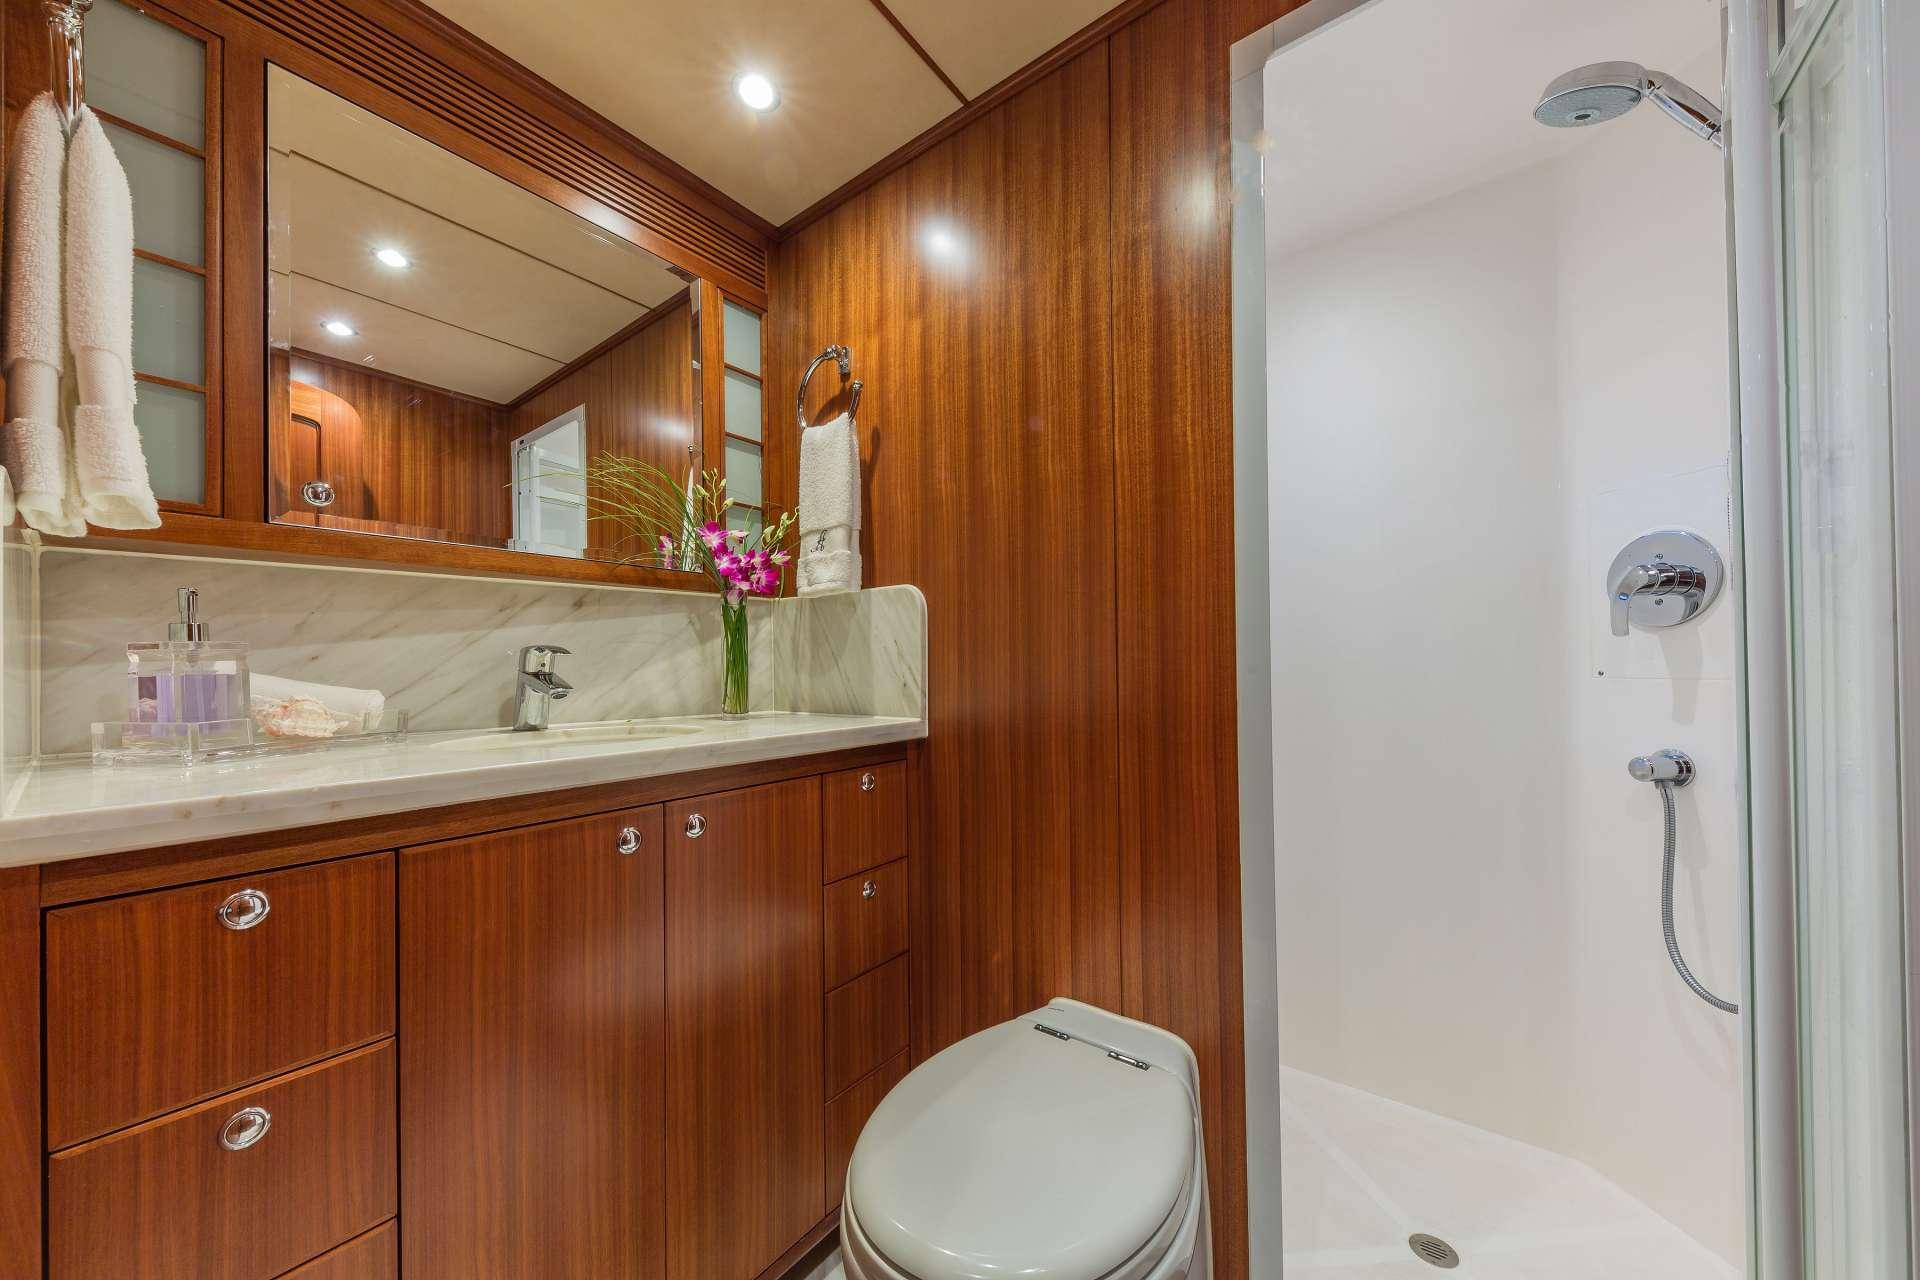 ASTURIAS yacht image # 6